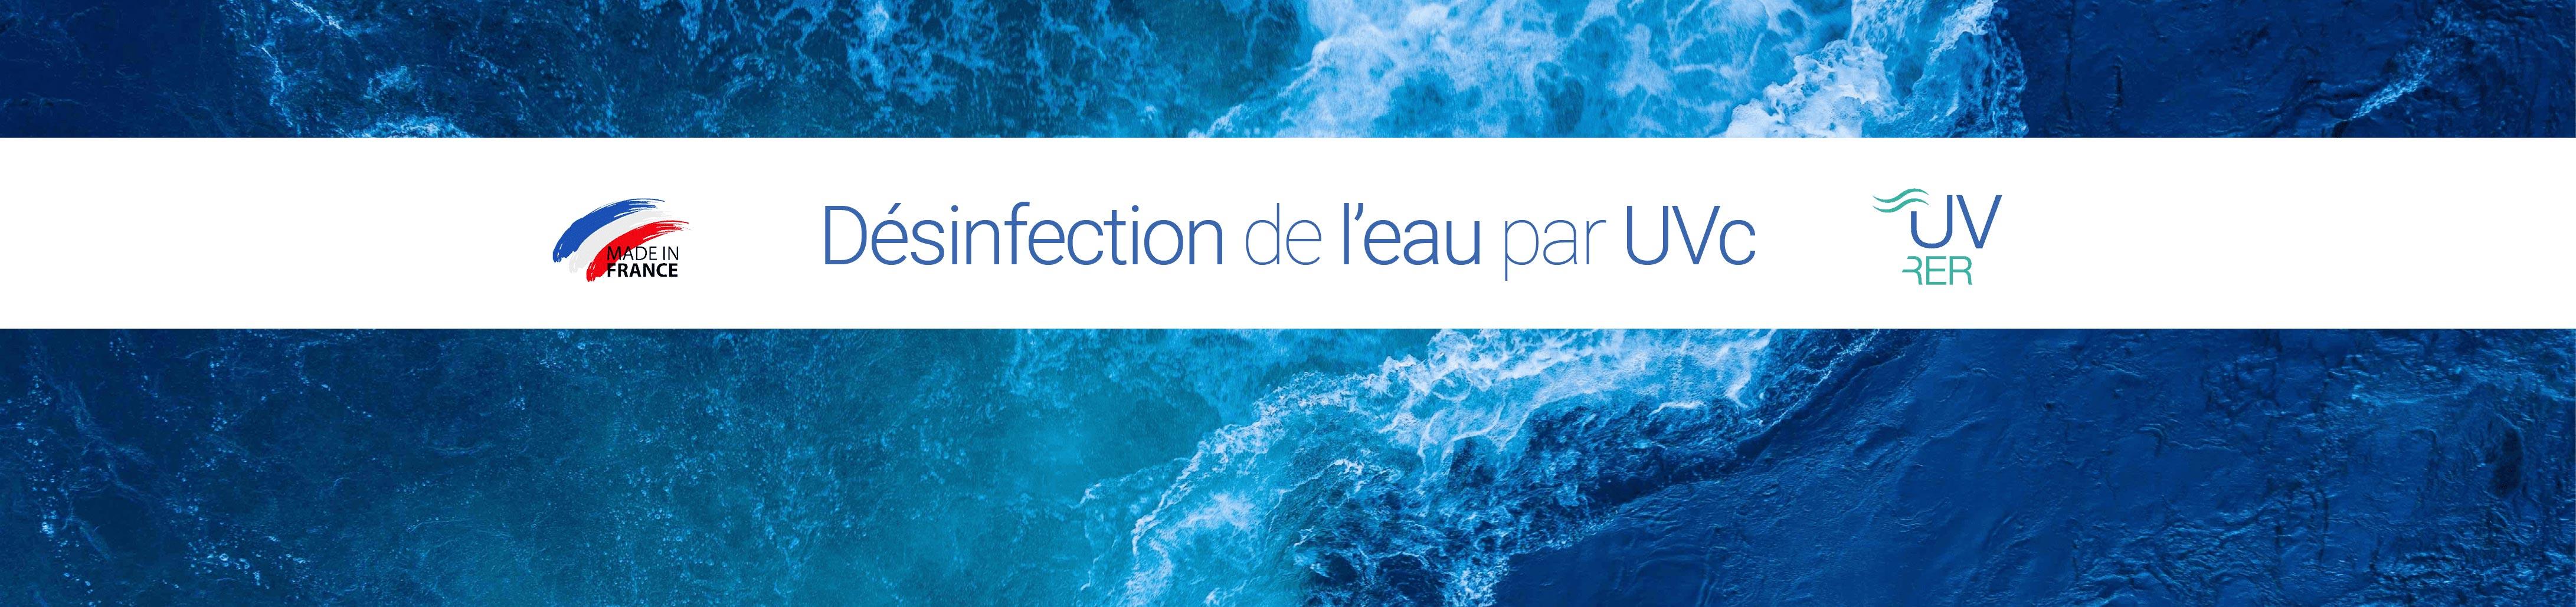 Désinfection de l'eau par UVc